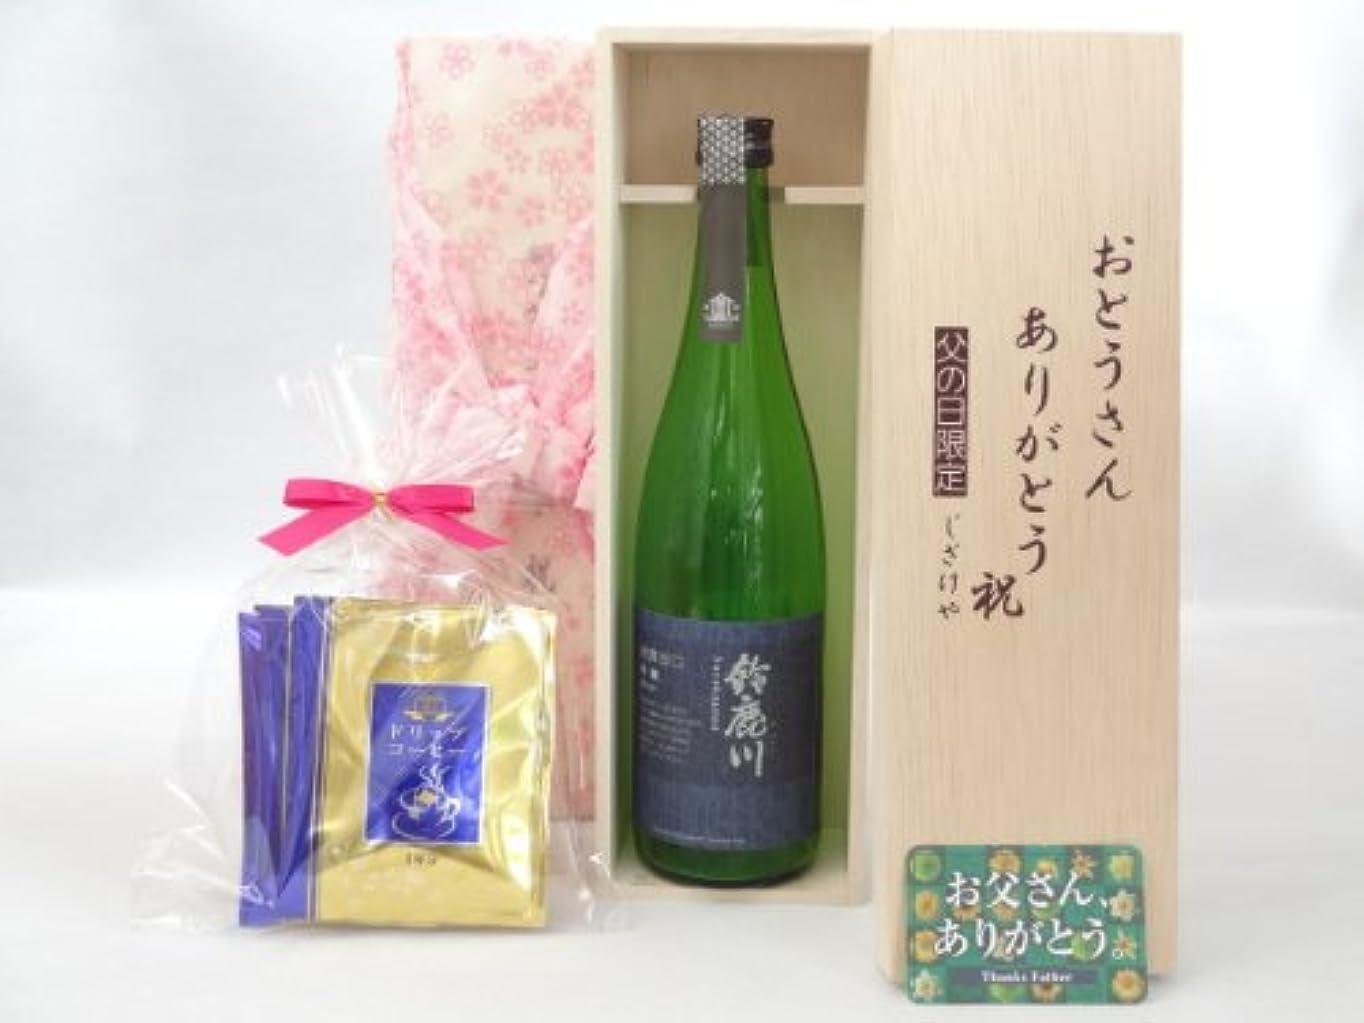 お父さんありがとう ギフトセット 日本酒セット おとうさんありがとう木箱セット ドリップコーヒー5セット(清水清三郎商店 鈴鹿川 純米酒 720ml (三重県)) 父の日カード付